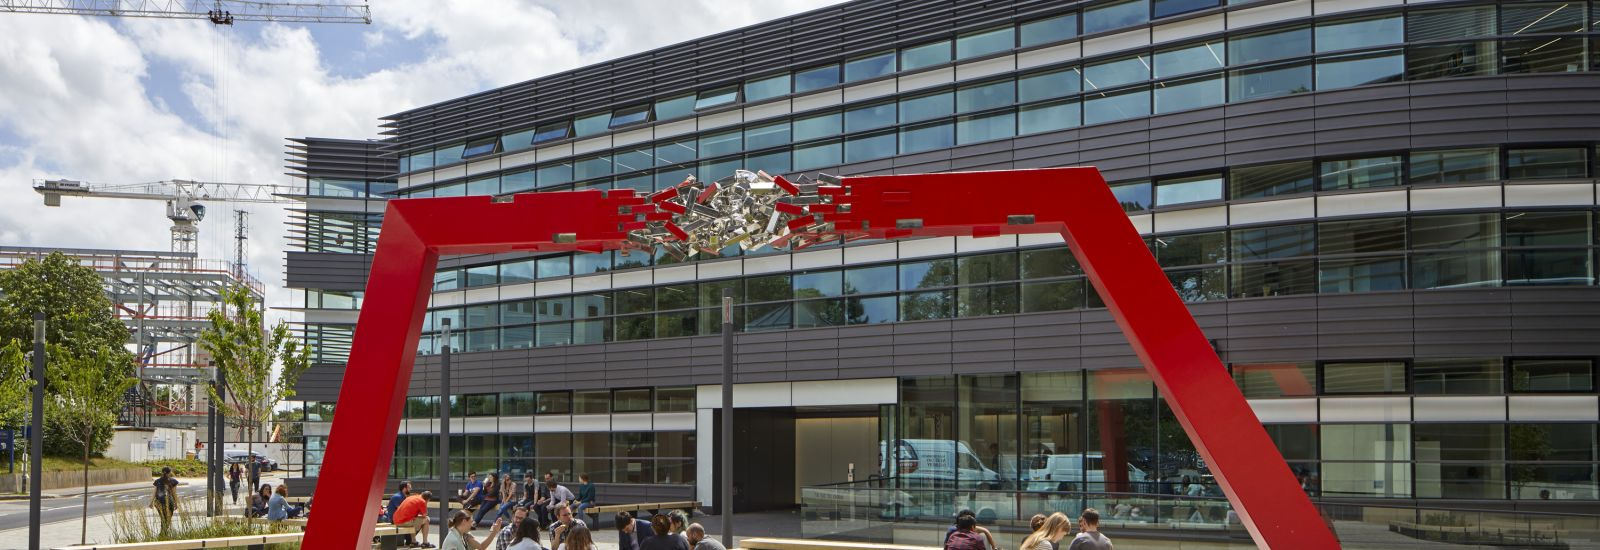 Big Data Institute - Public Art